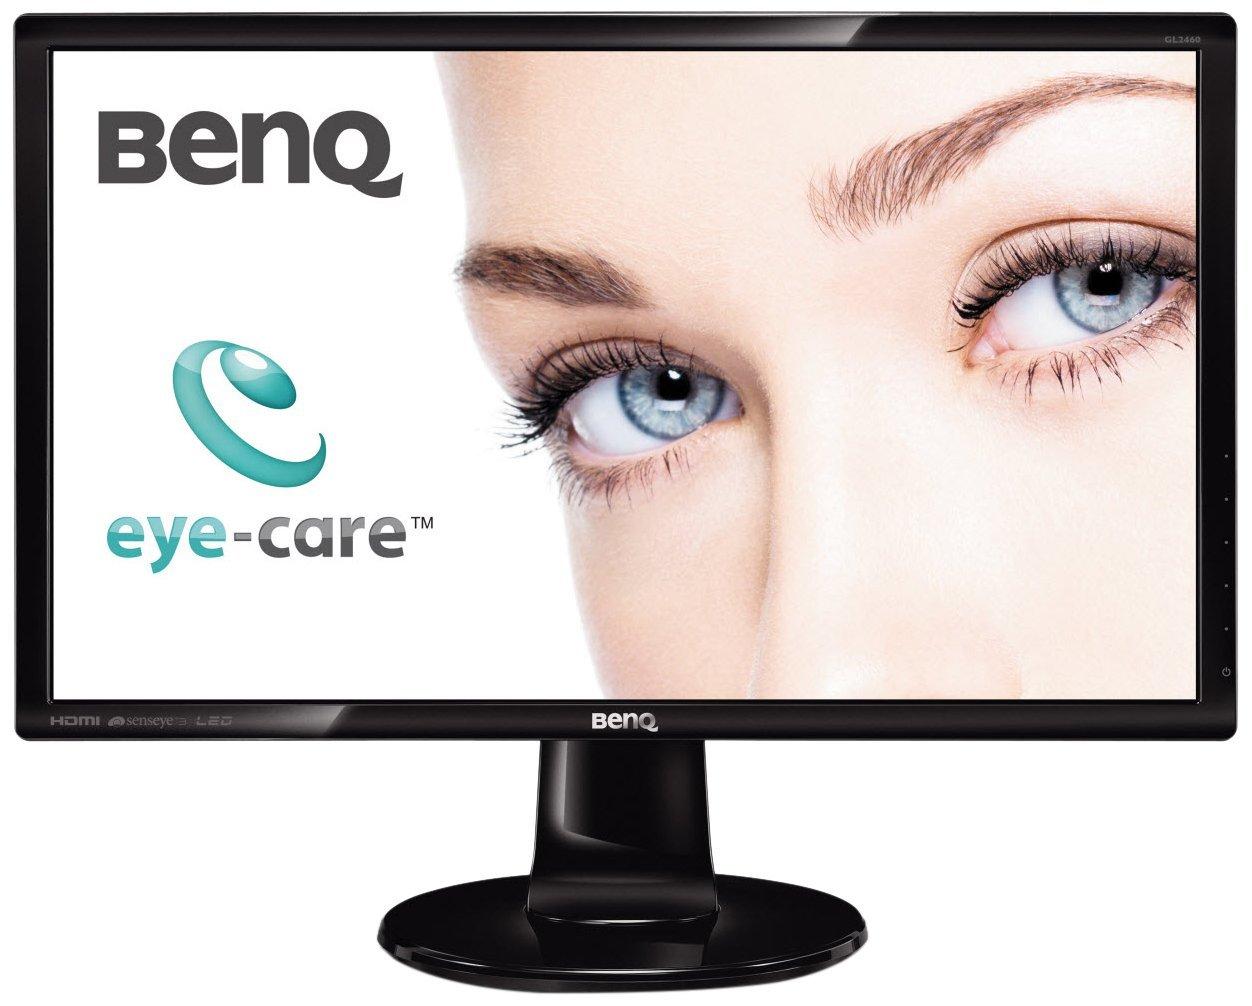 BenQ GW2470HM é cran Eye-Care 24 pouces avec haut-parleurs inté gré